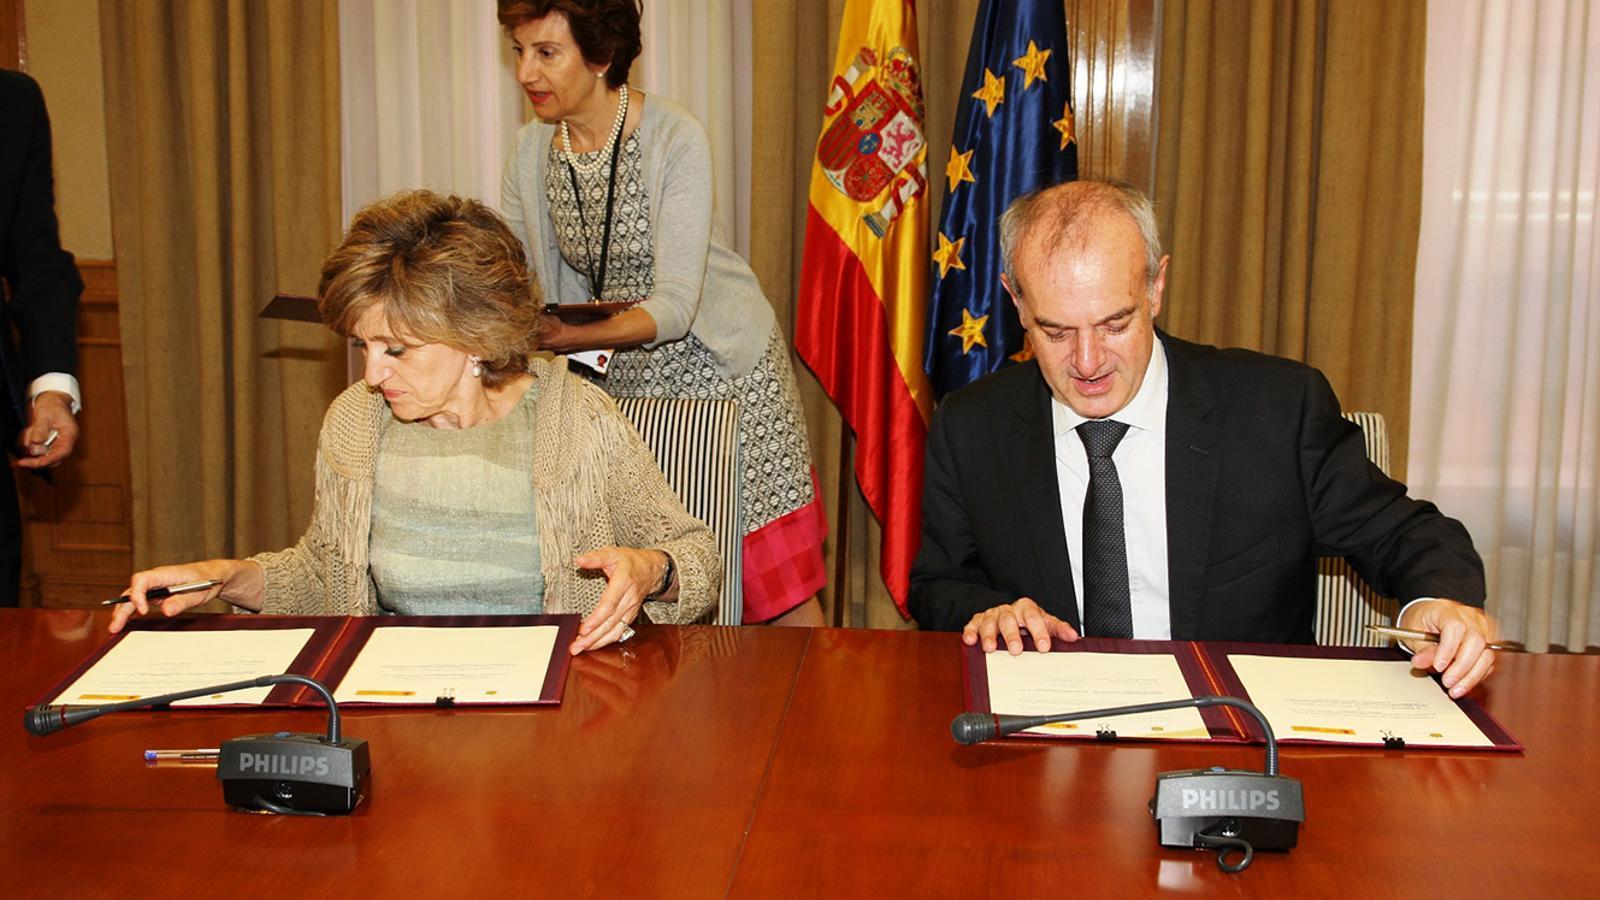 Trobada entre el ministre de Salut, Carles Alvarez, i la seva homòloga espanyola, Maria Luisa Carcedo, d'aquest dilluns. / SFG